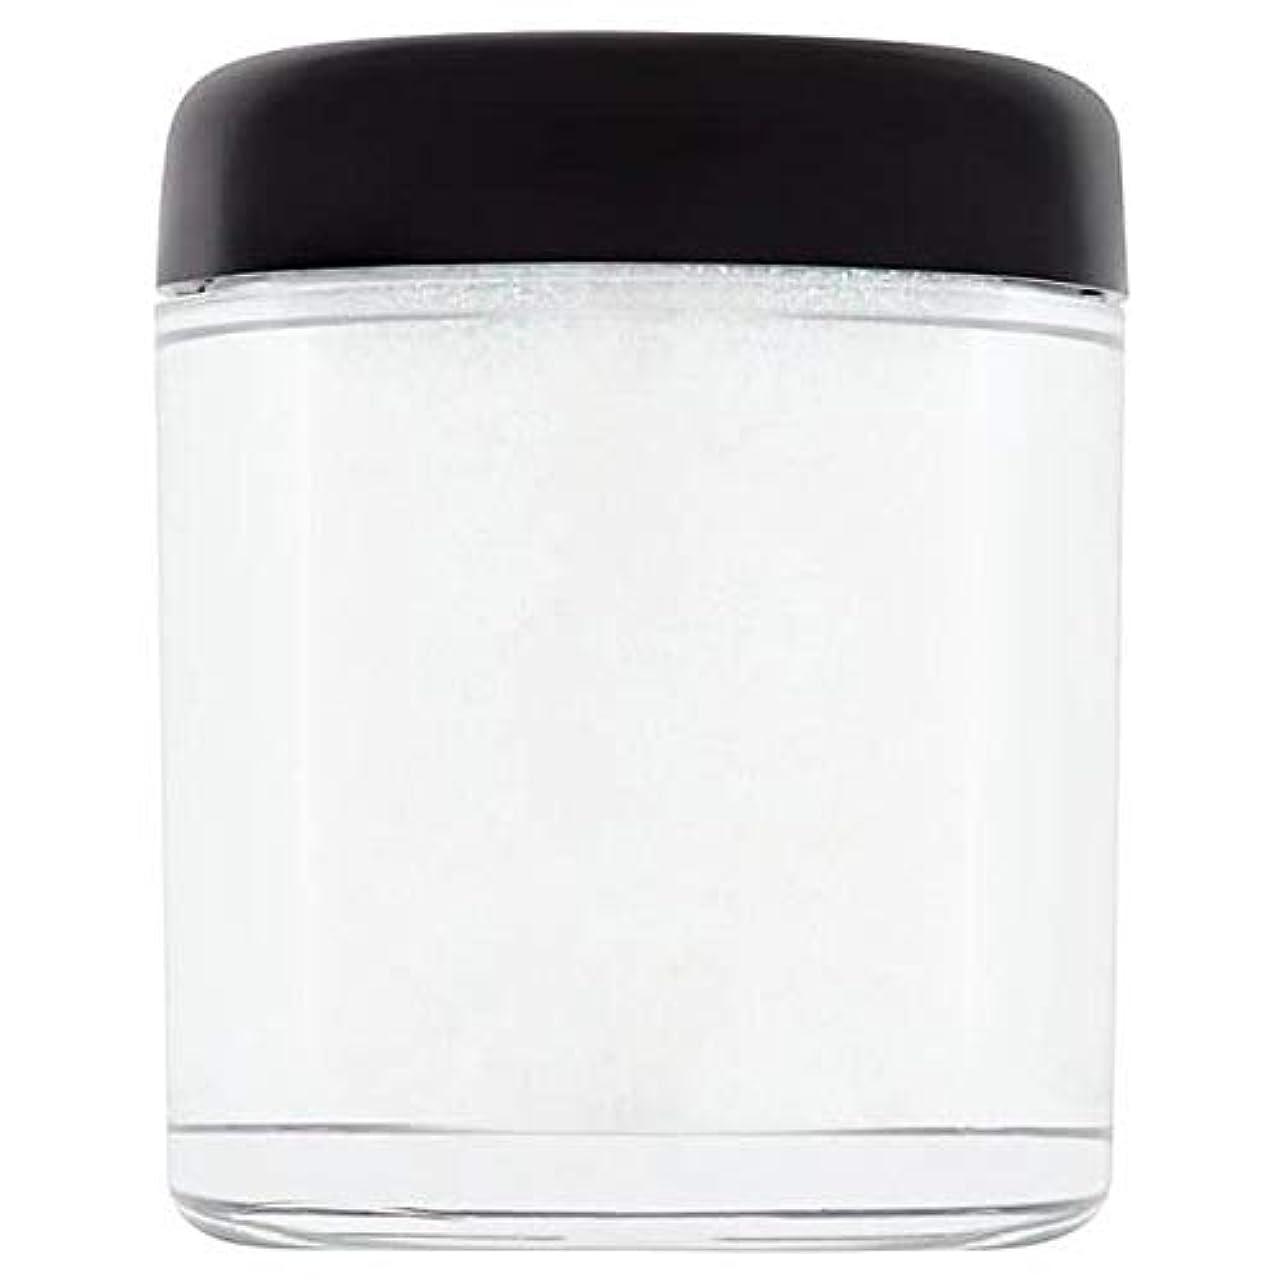 通訳リッチけがをする[Collection ] 収集グラムの結晶がフェイス&ボディの輝きユニコーンの涙1 - Collection Glam Crystals Face & Body Glitter Unicorn Tears 1 [並行輸入品]